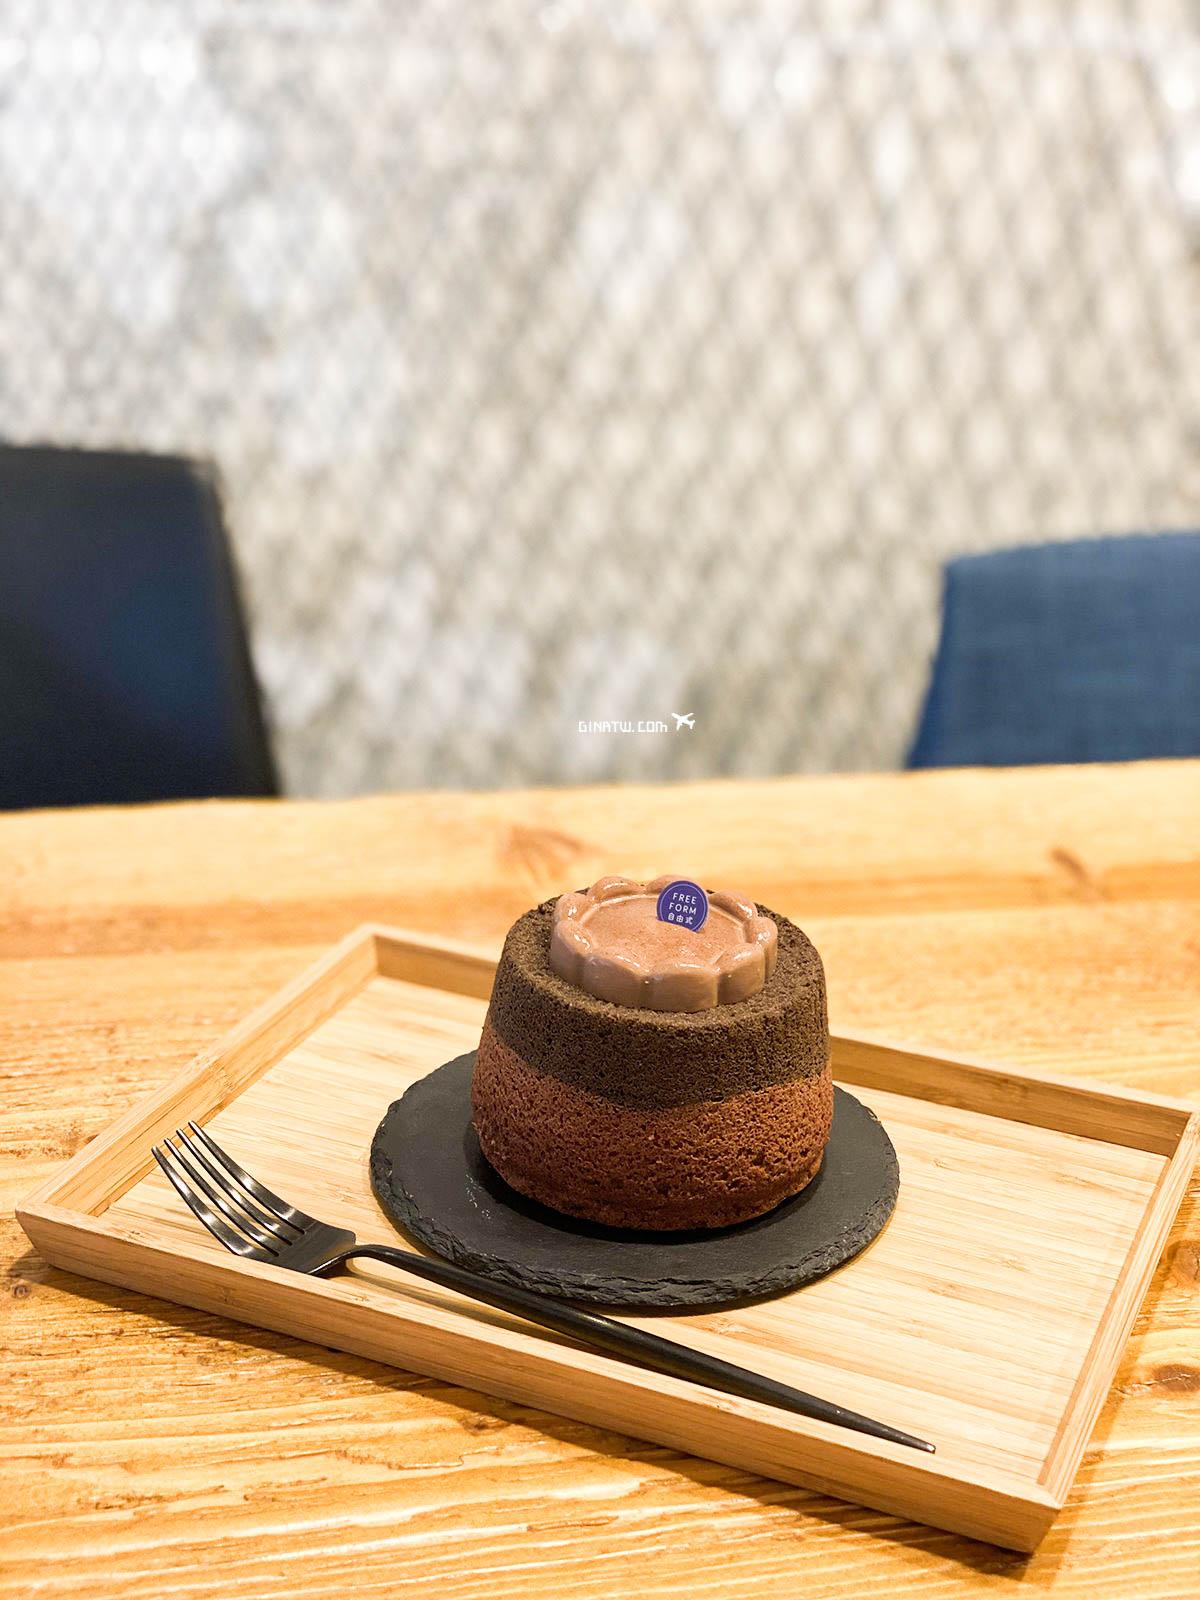 【板橋甜點咖啡廳】Free Form自由式、戚風蛋糕 2020菜單|手做蛋糕禮盒訂製|小洪爐一個人小火鍋|江子翠美食 @GINA環球旅行生活